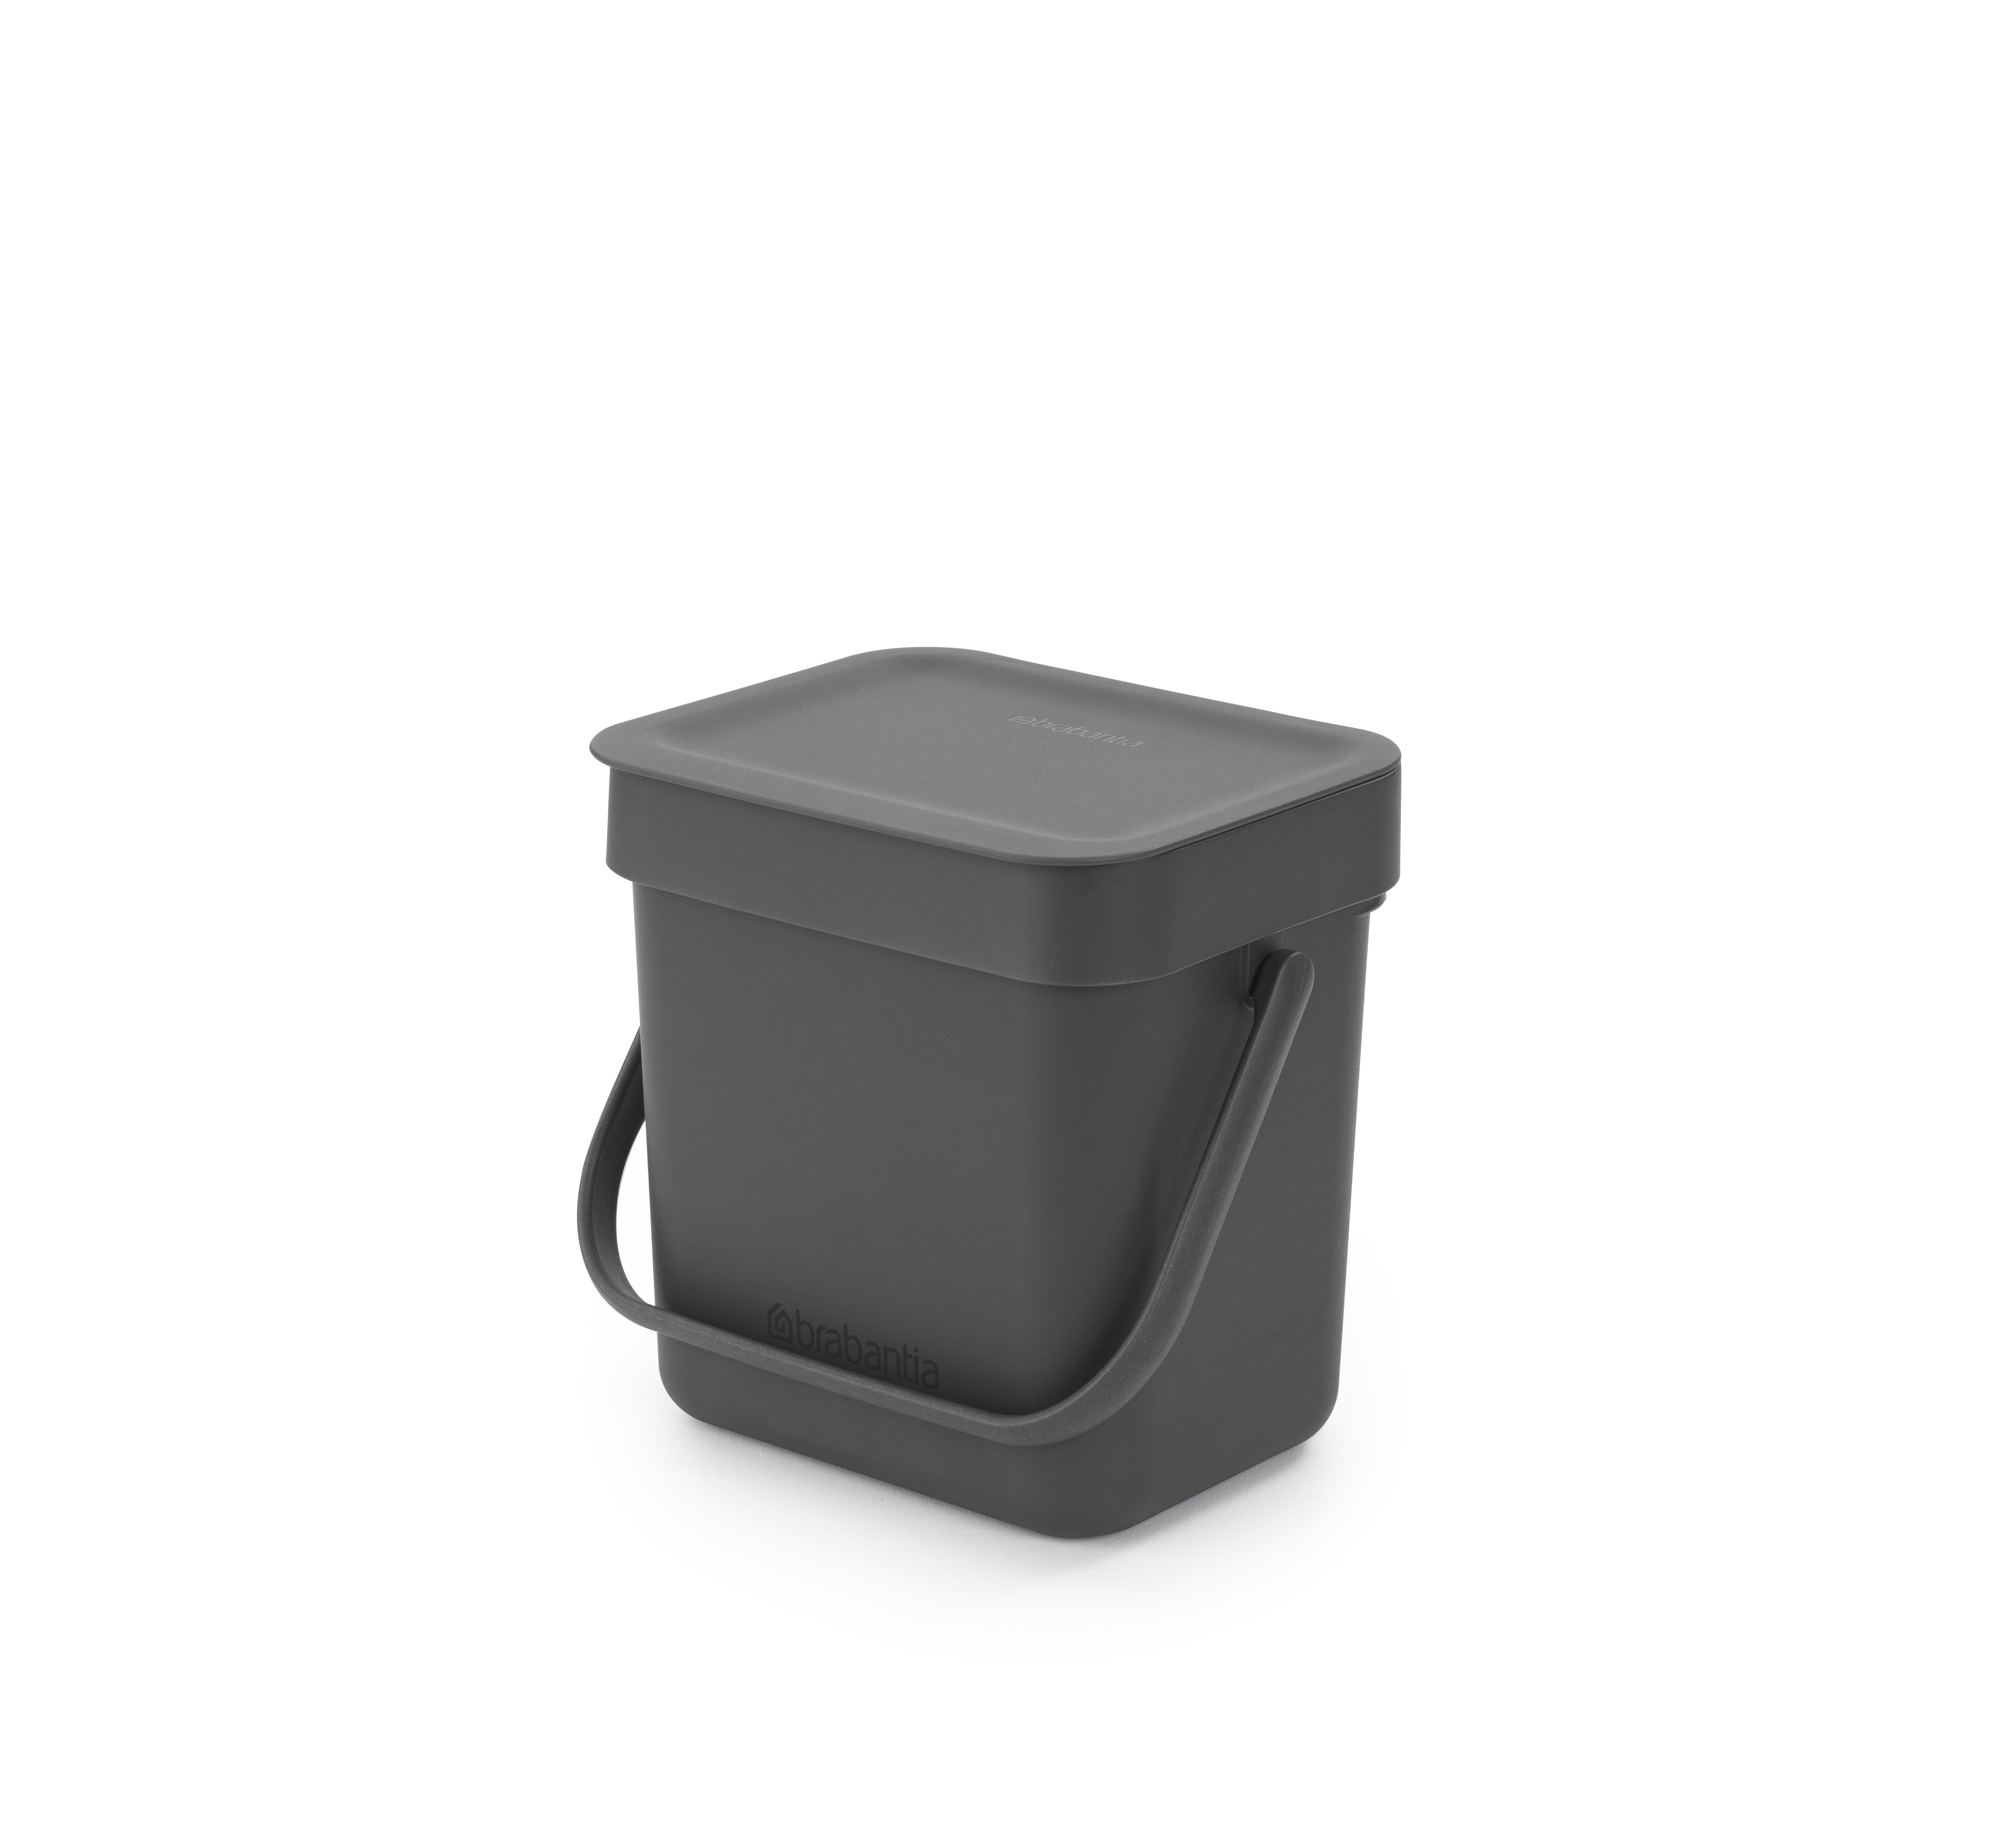 Avfallshink Sort & Go 3 L Grå